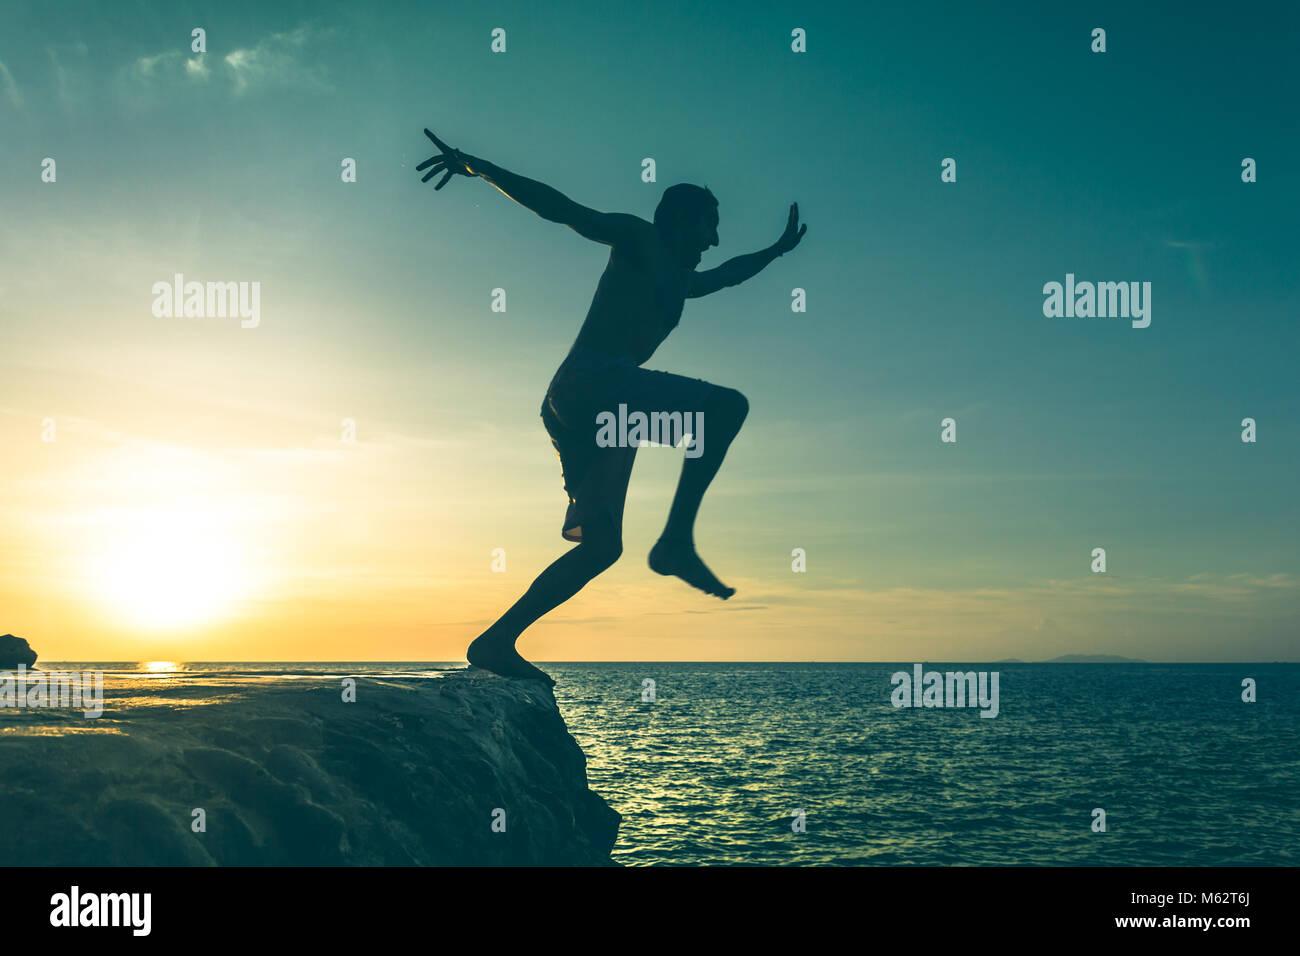 Hombre saltando sobre un acantilado en el mar a la puesta del sol en la isla de Koh Phangan, Tailandia. Efecto Vintage. Imagen De Stock